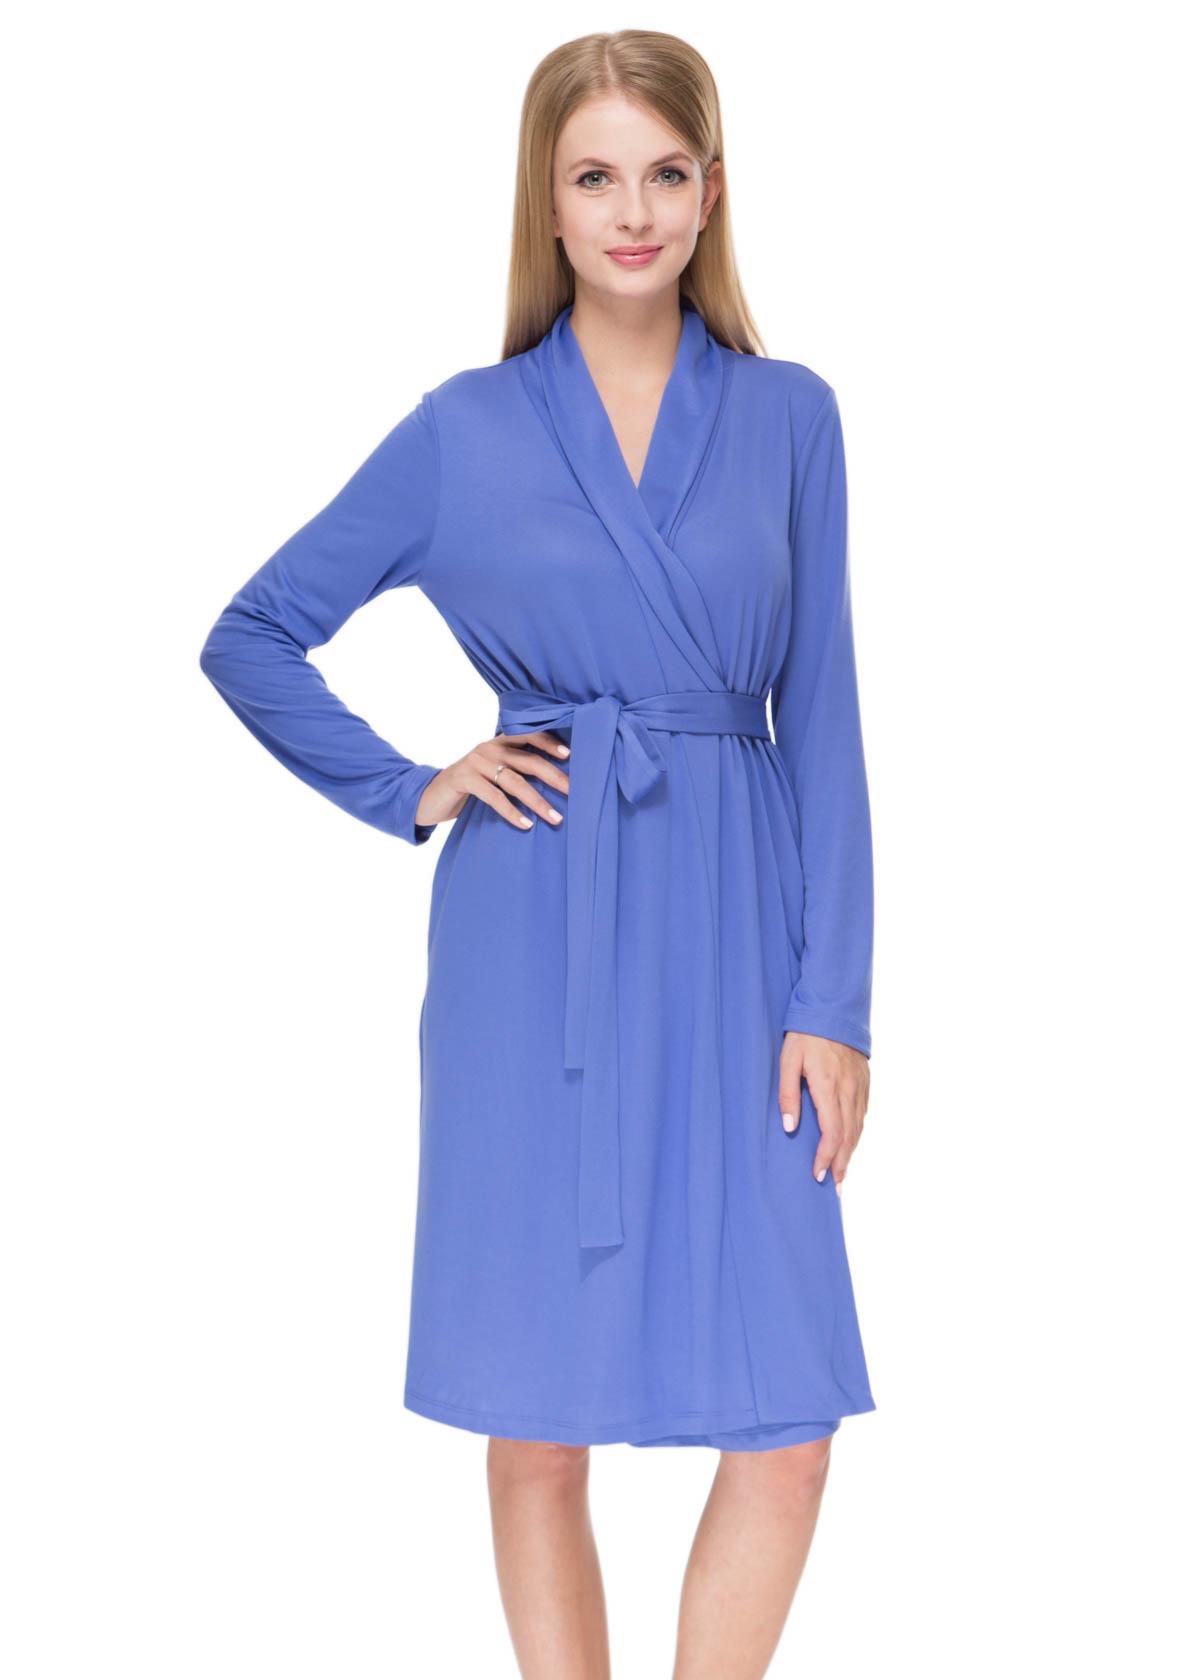 bb3b4c4082 UralMama.com одежда для беременных и кормящих ILoveMum в ...